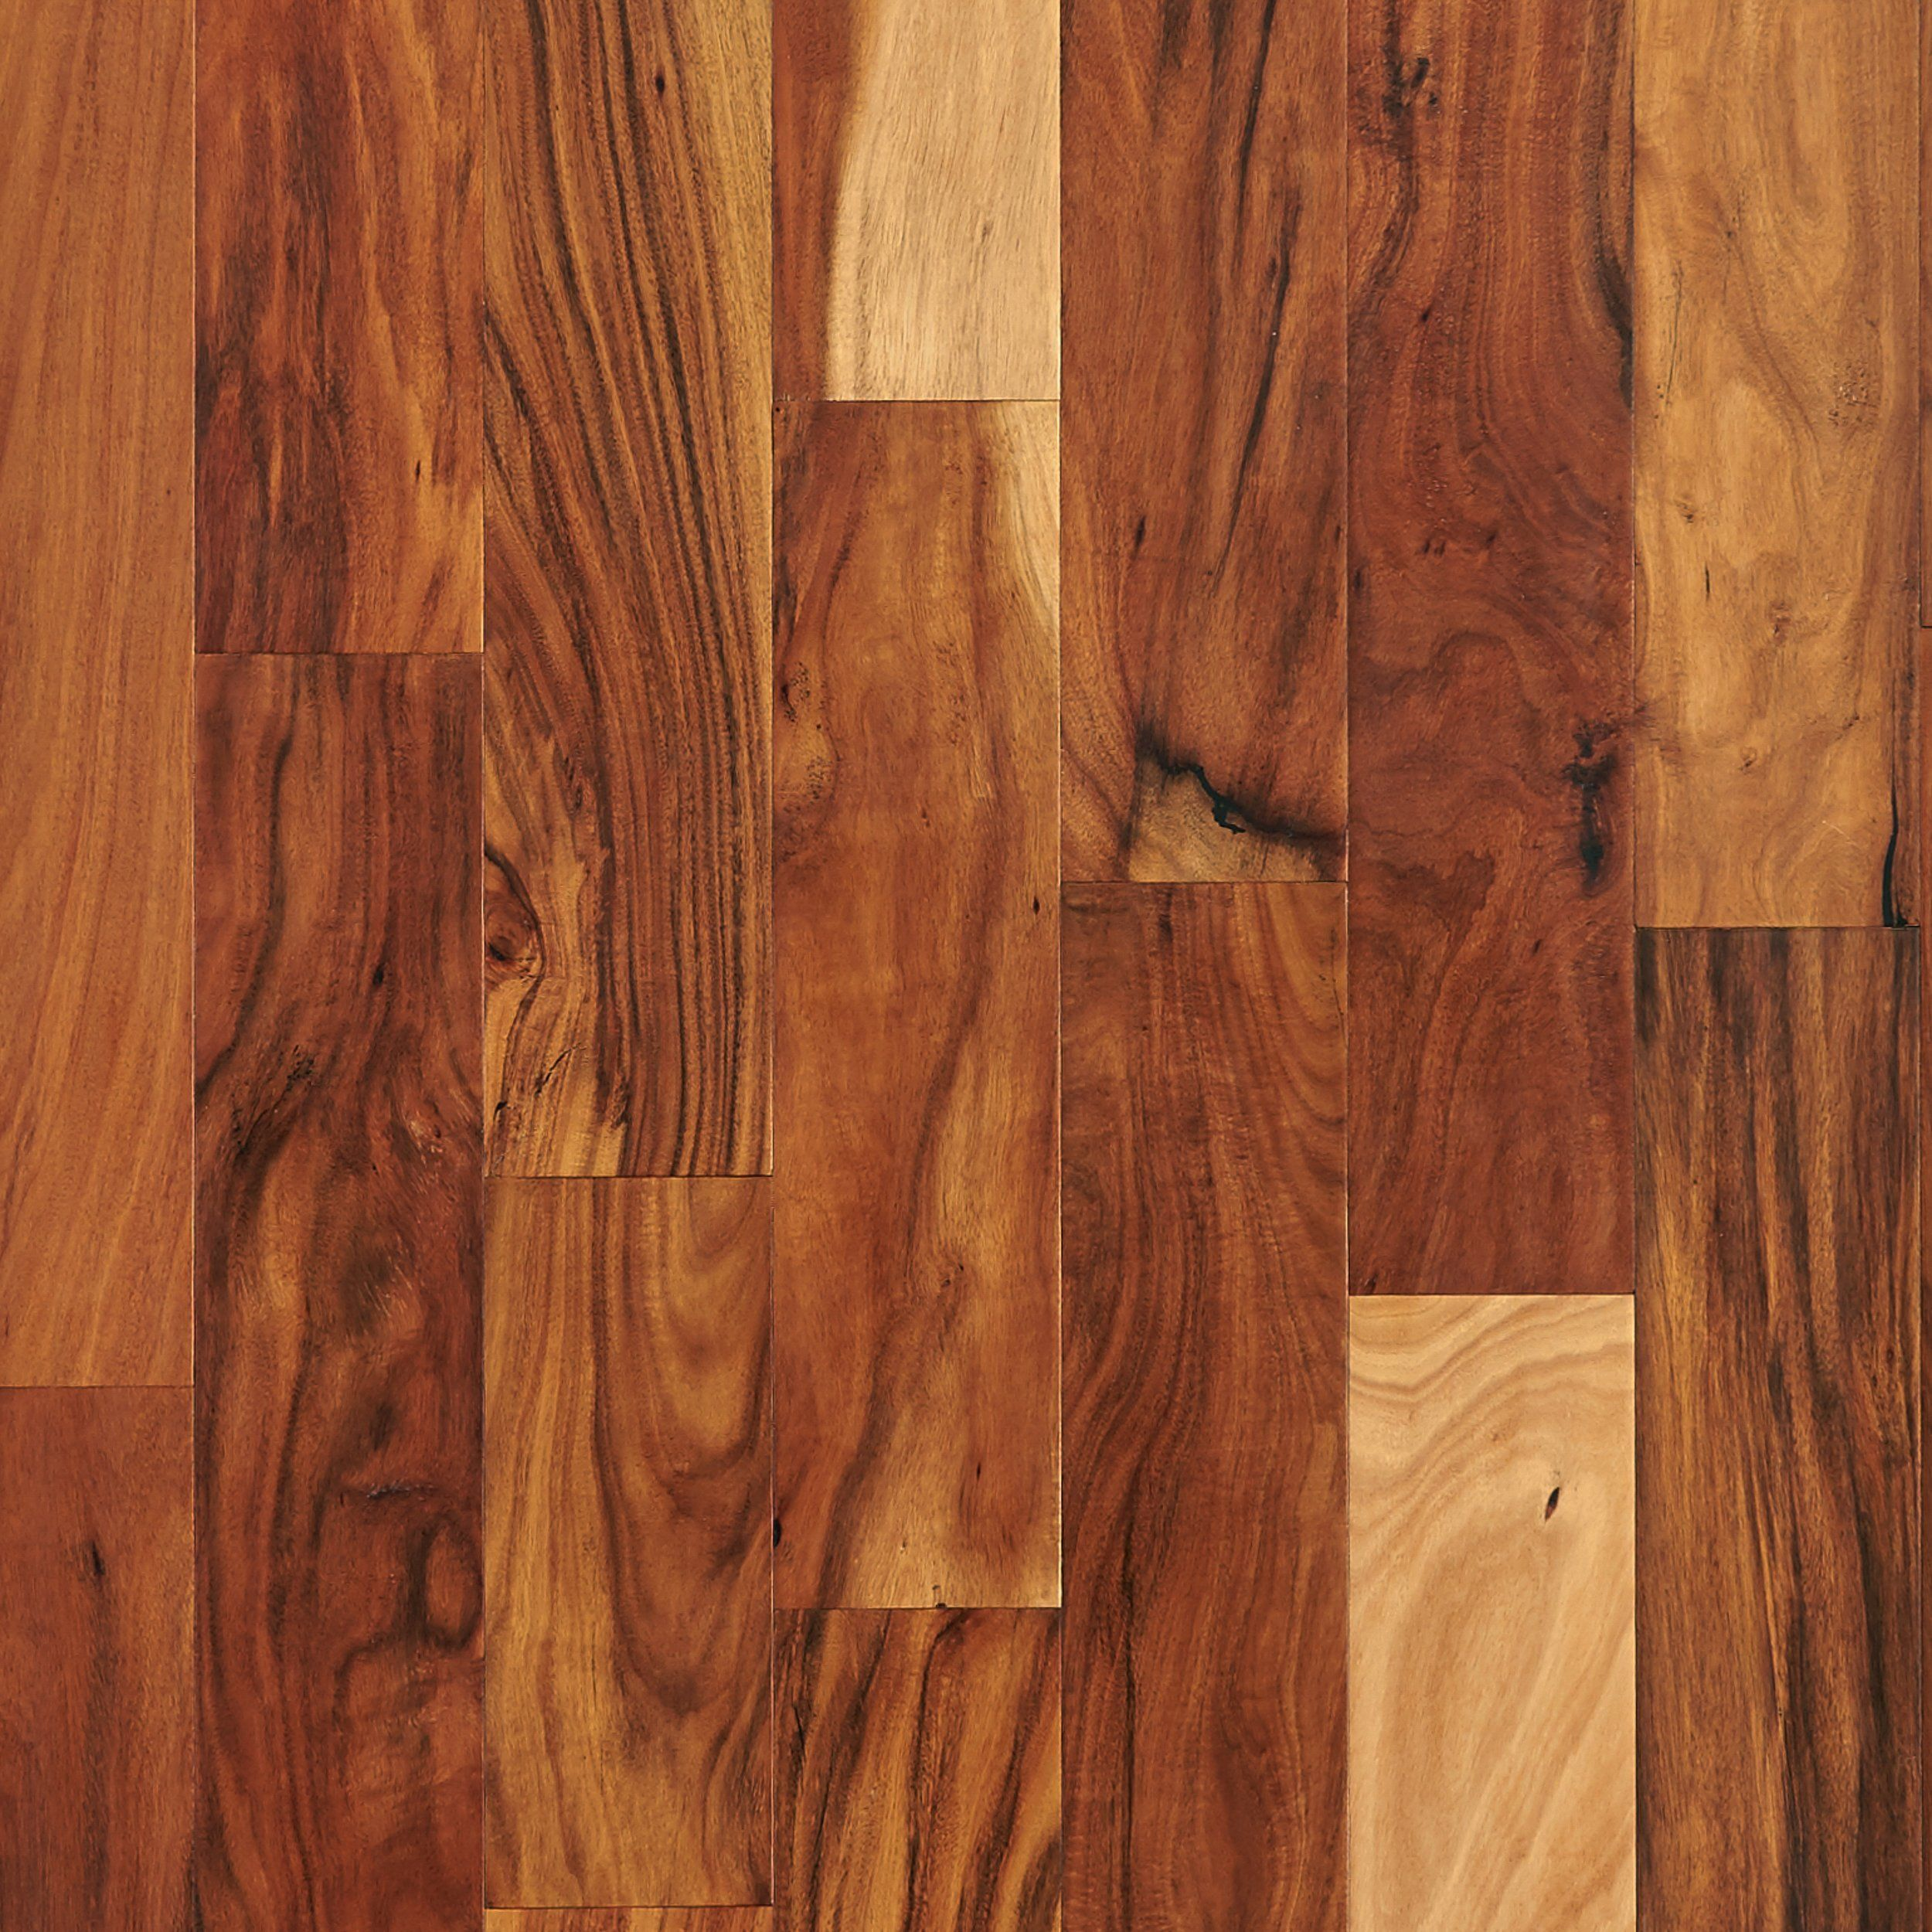 Natural Acacia Hand Scraped Engineered Hardwood Engineered Hardwood Hardwood Wood Floor Texture